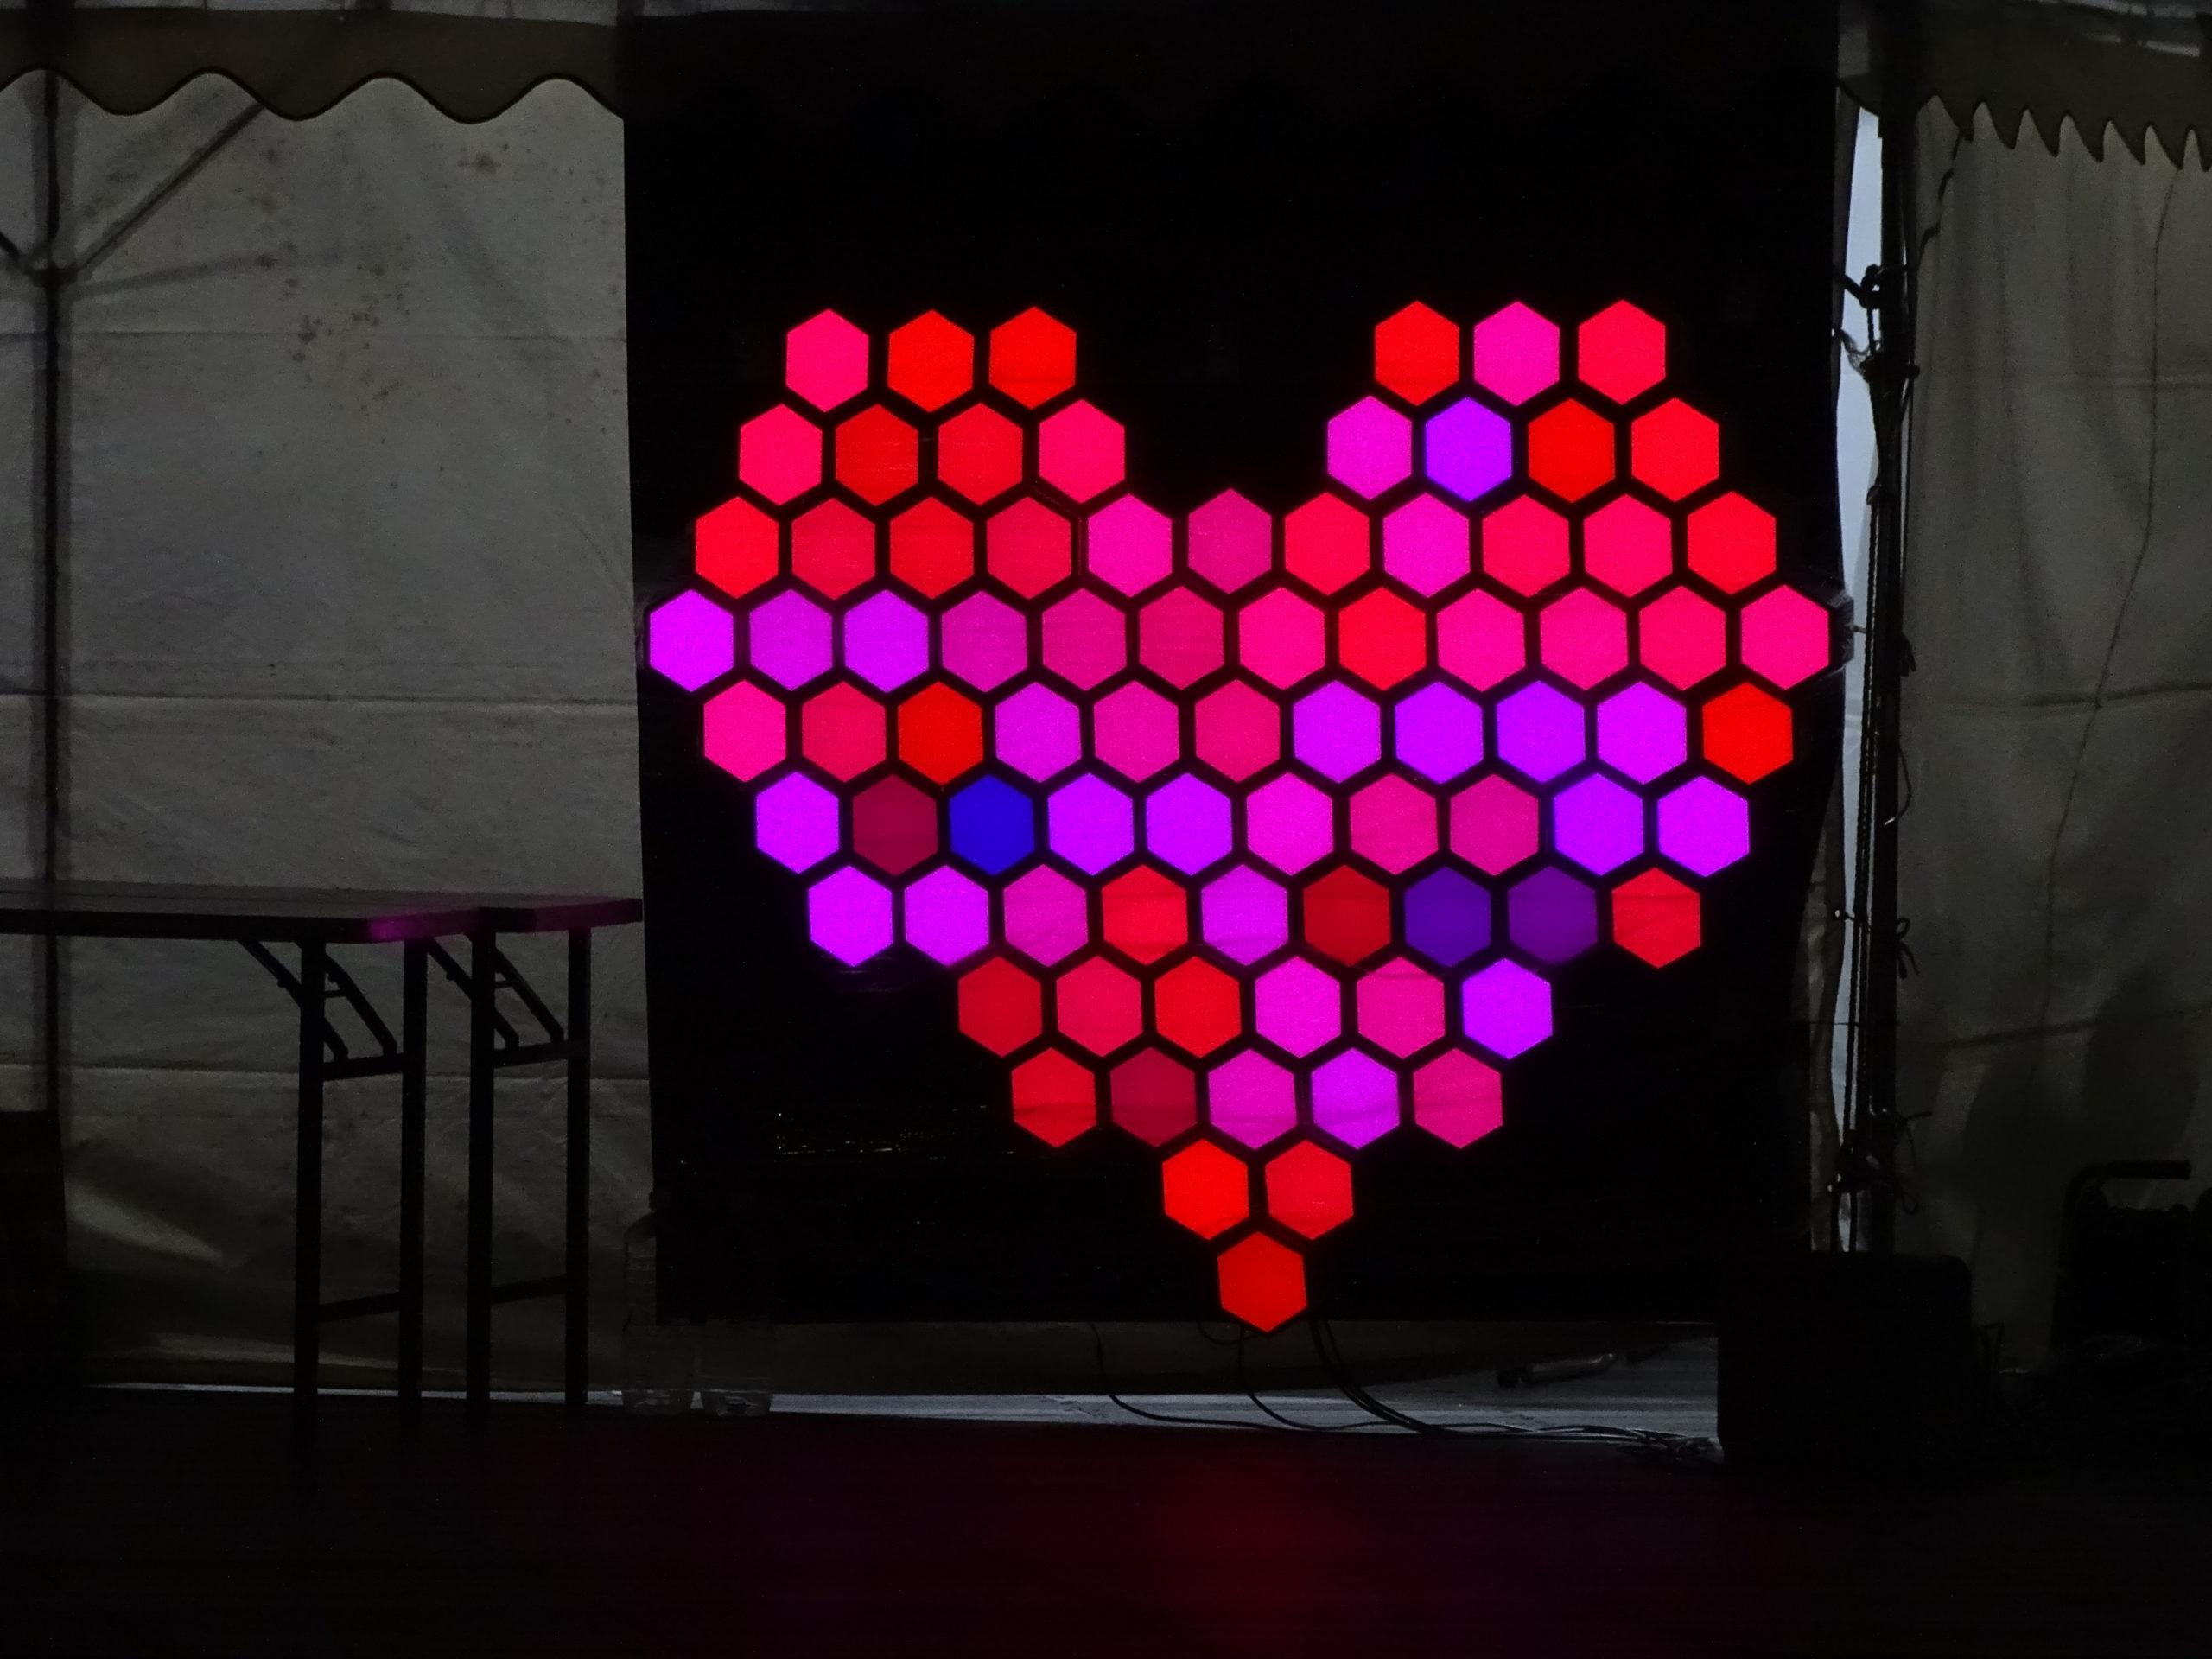 徳島市「とくしまLEDデジタルアートフェスティバル2018」に出展